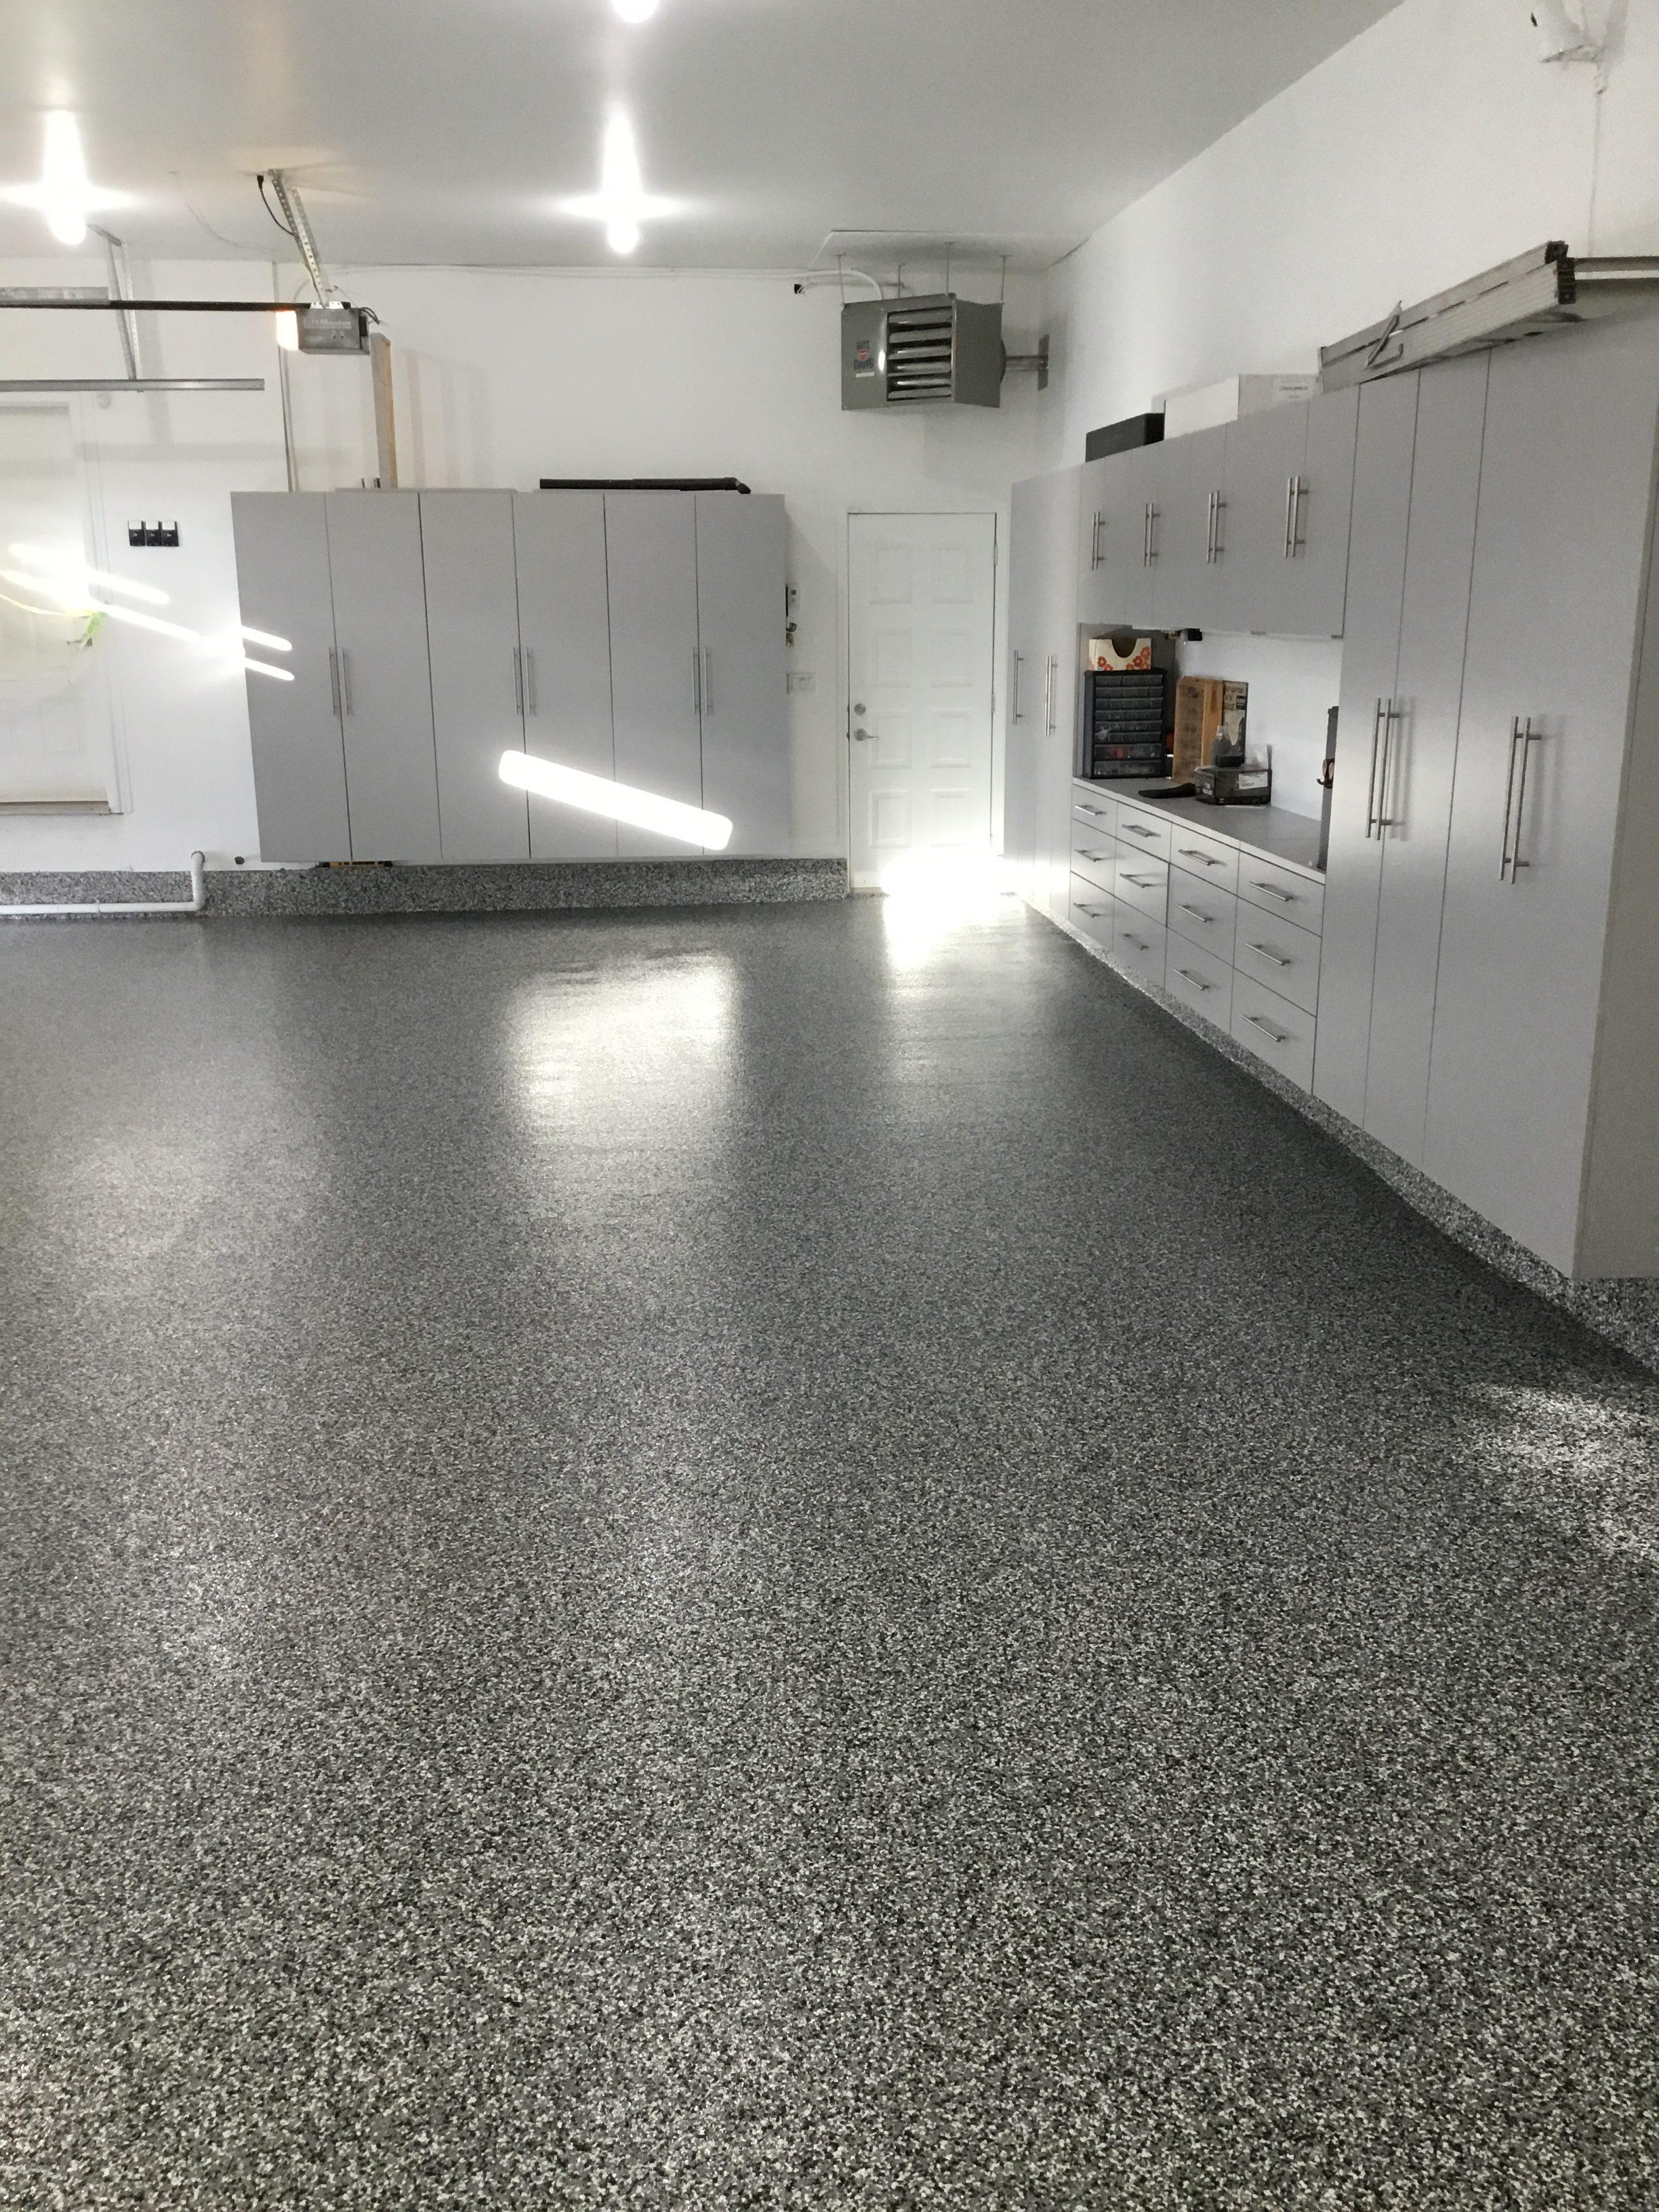 Garage-fx image 103